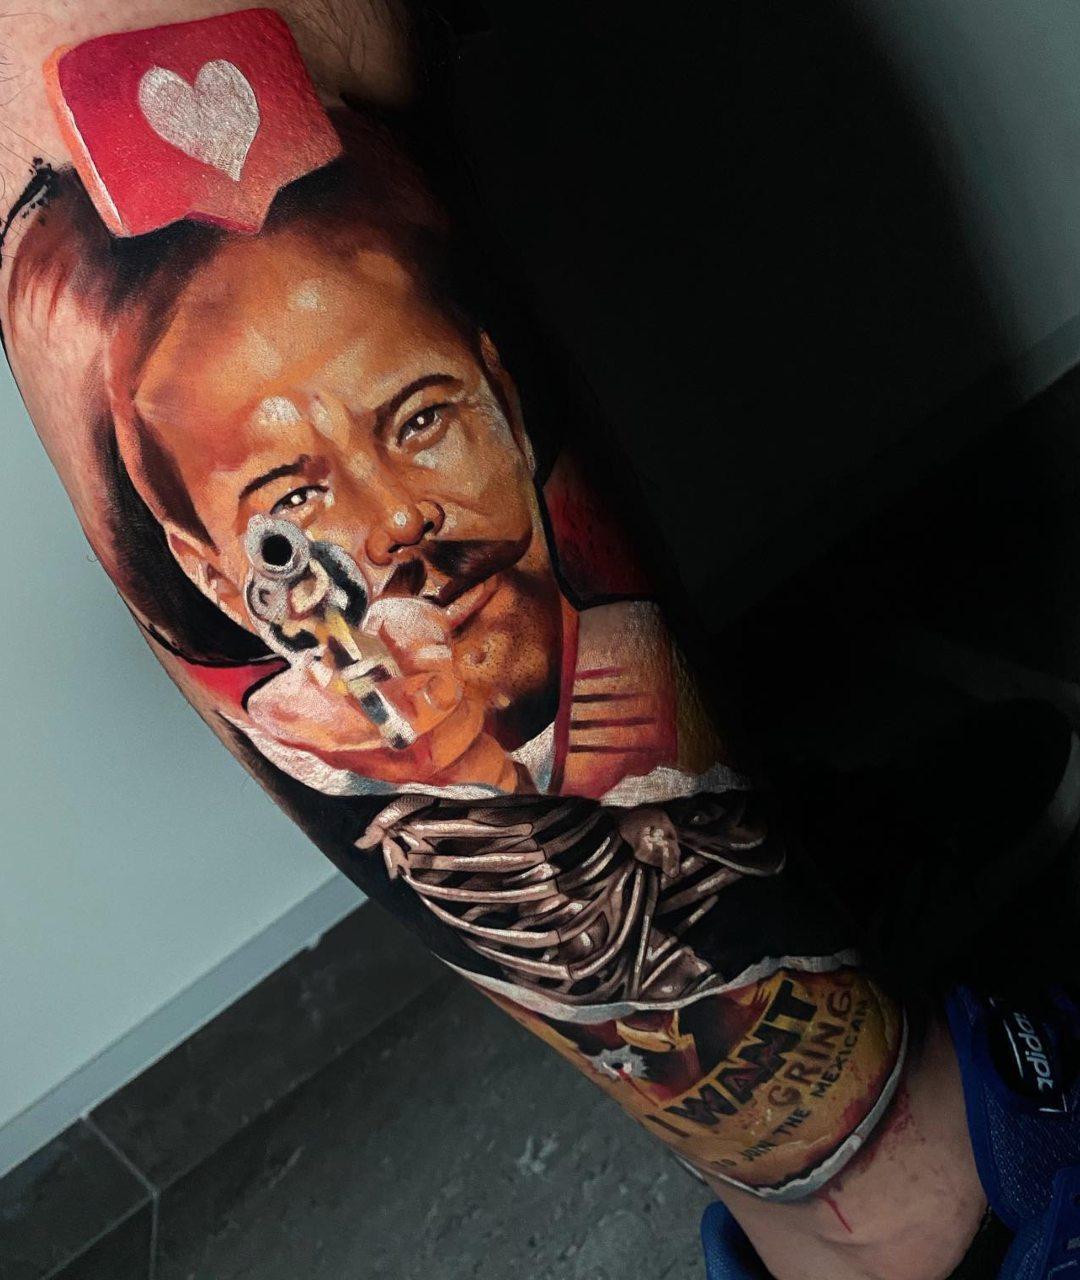 Tatuaje de Pancho Villa hecho por Armandean